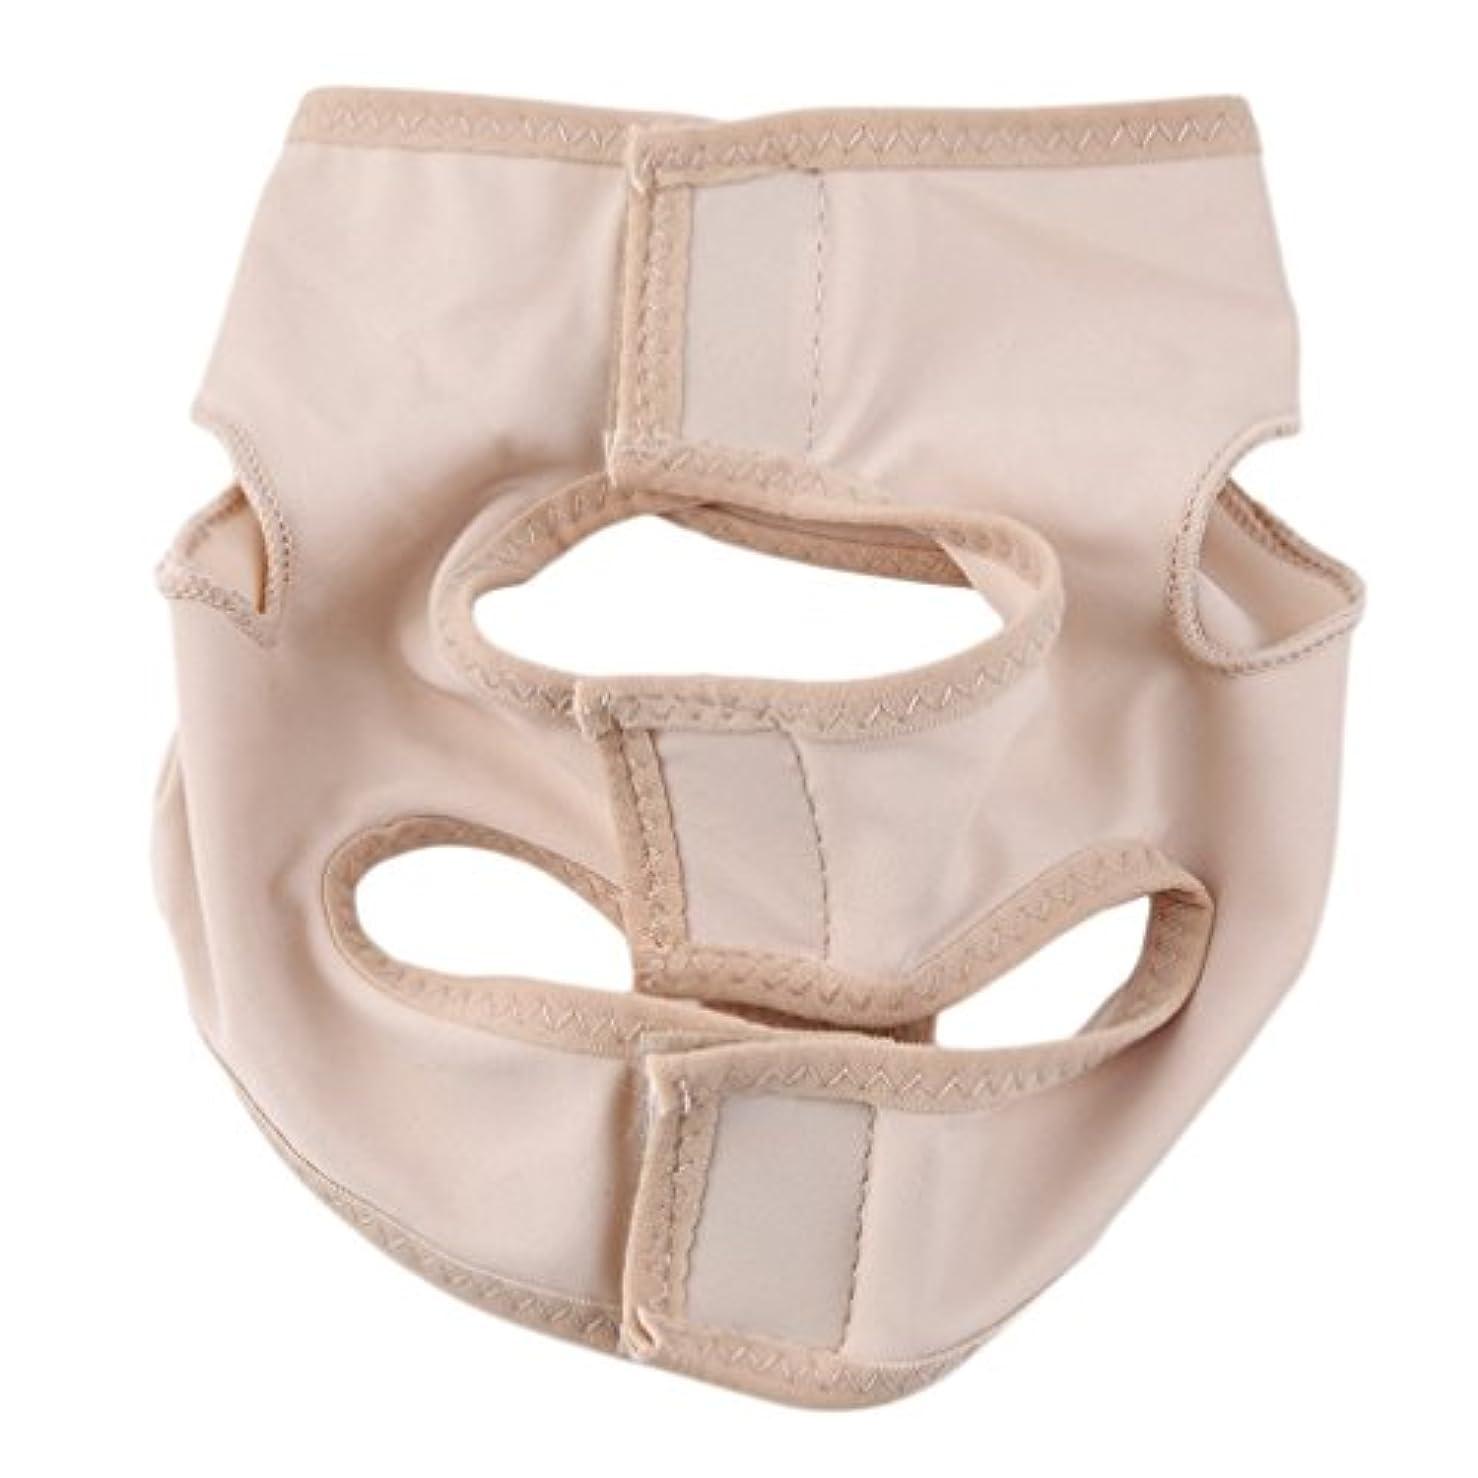 オリエンテーション招待暴力的な女性の顔スリムは、繊細な顔のスリミング包帯チークリフトアップベルトマスク